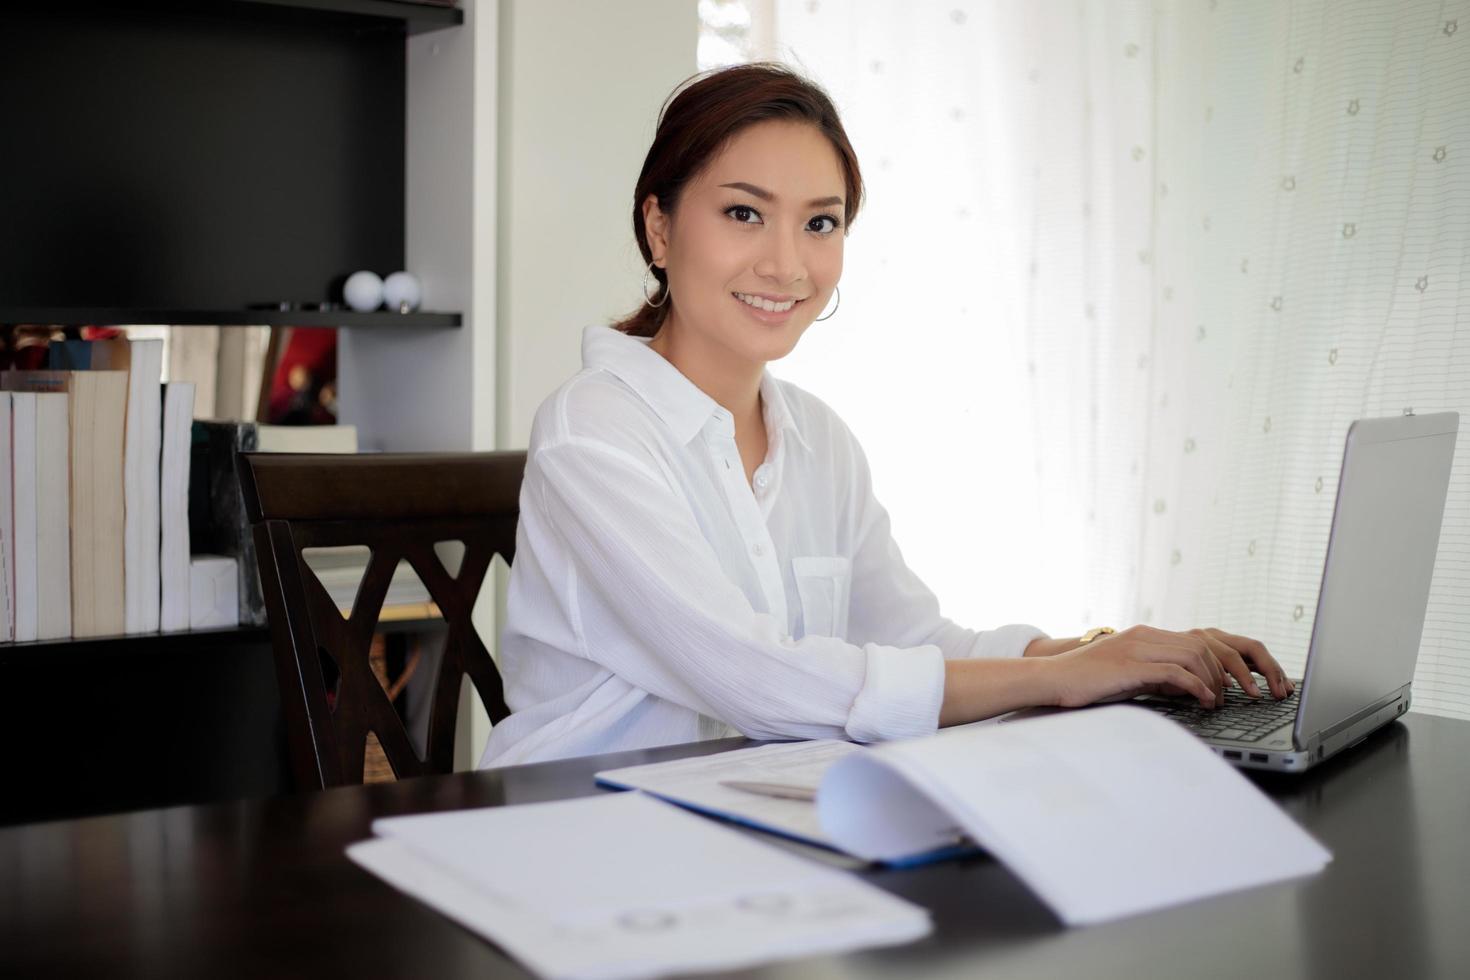 asiatisk affärskvinna arbetar på hemmakontoret foto